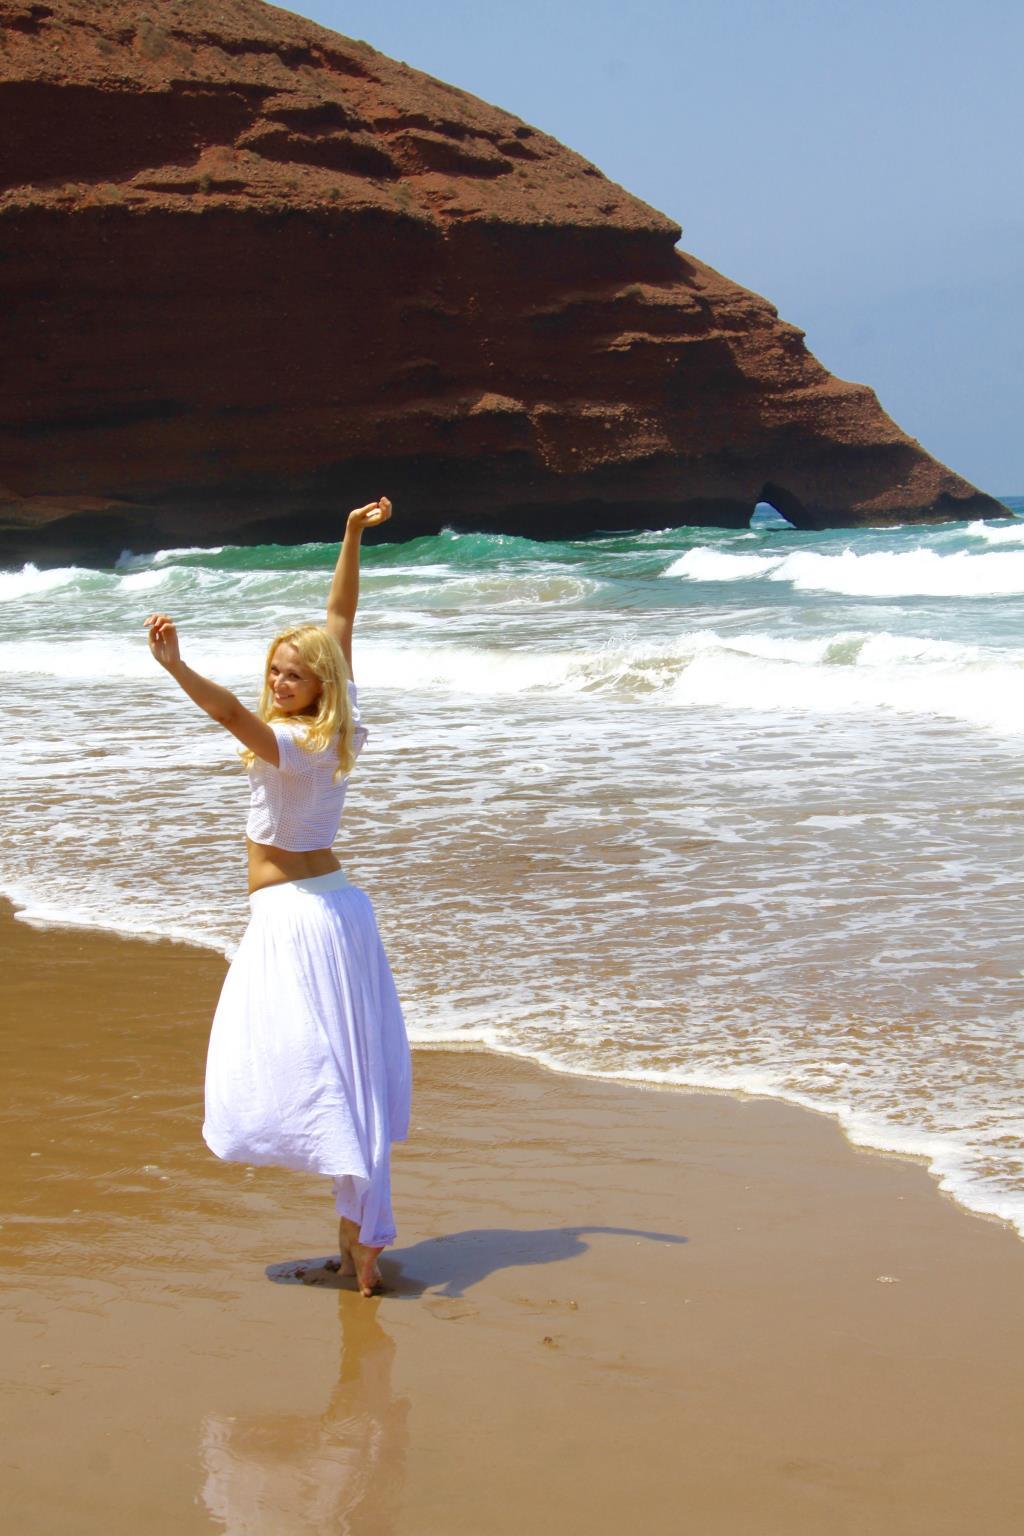 Пляж Легзира в Марокко. Привет из отпуска!